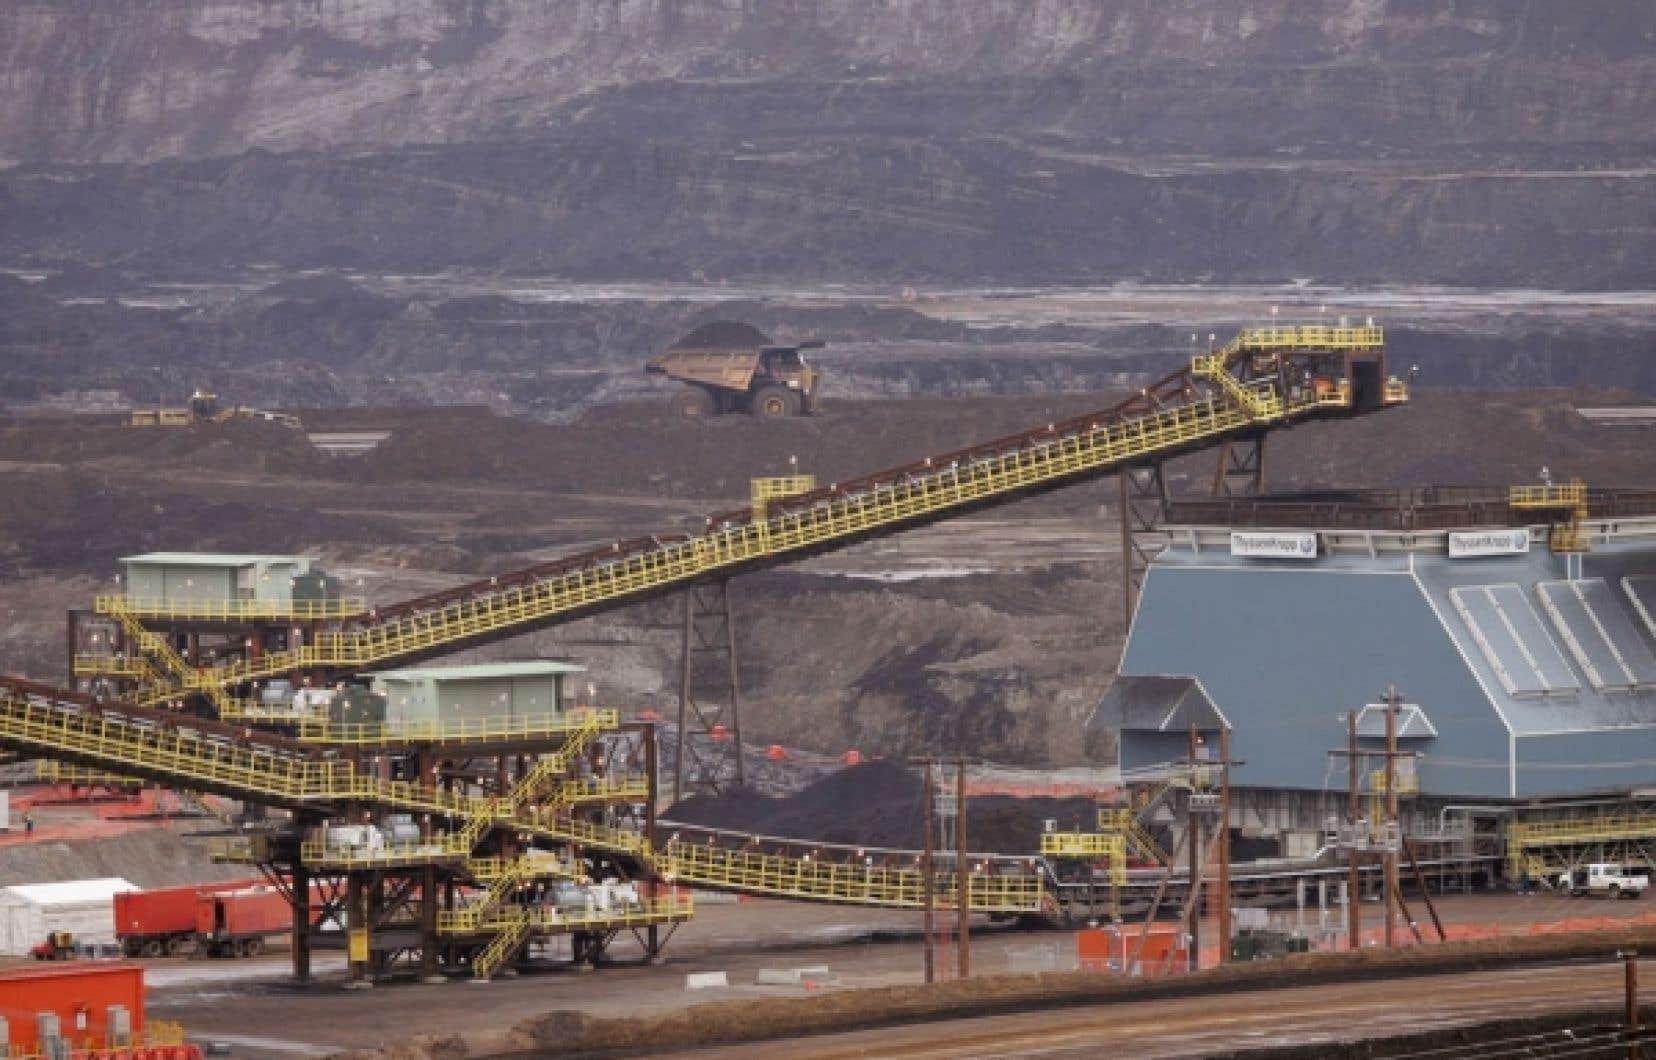 Deux lois concernant l'industrie minière et gazière renferment des dispositions qui permettent de déroger à la Loi sur l'accès à l'information et sont particulièrement néfastes pour l'information environnementale au Québec.